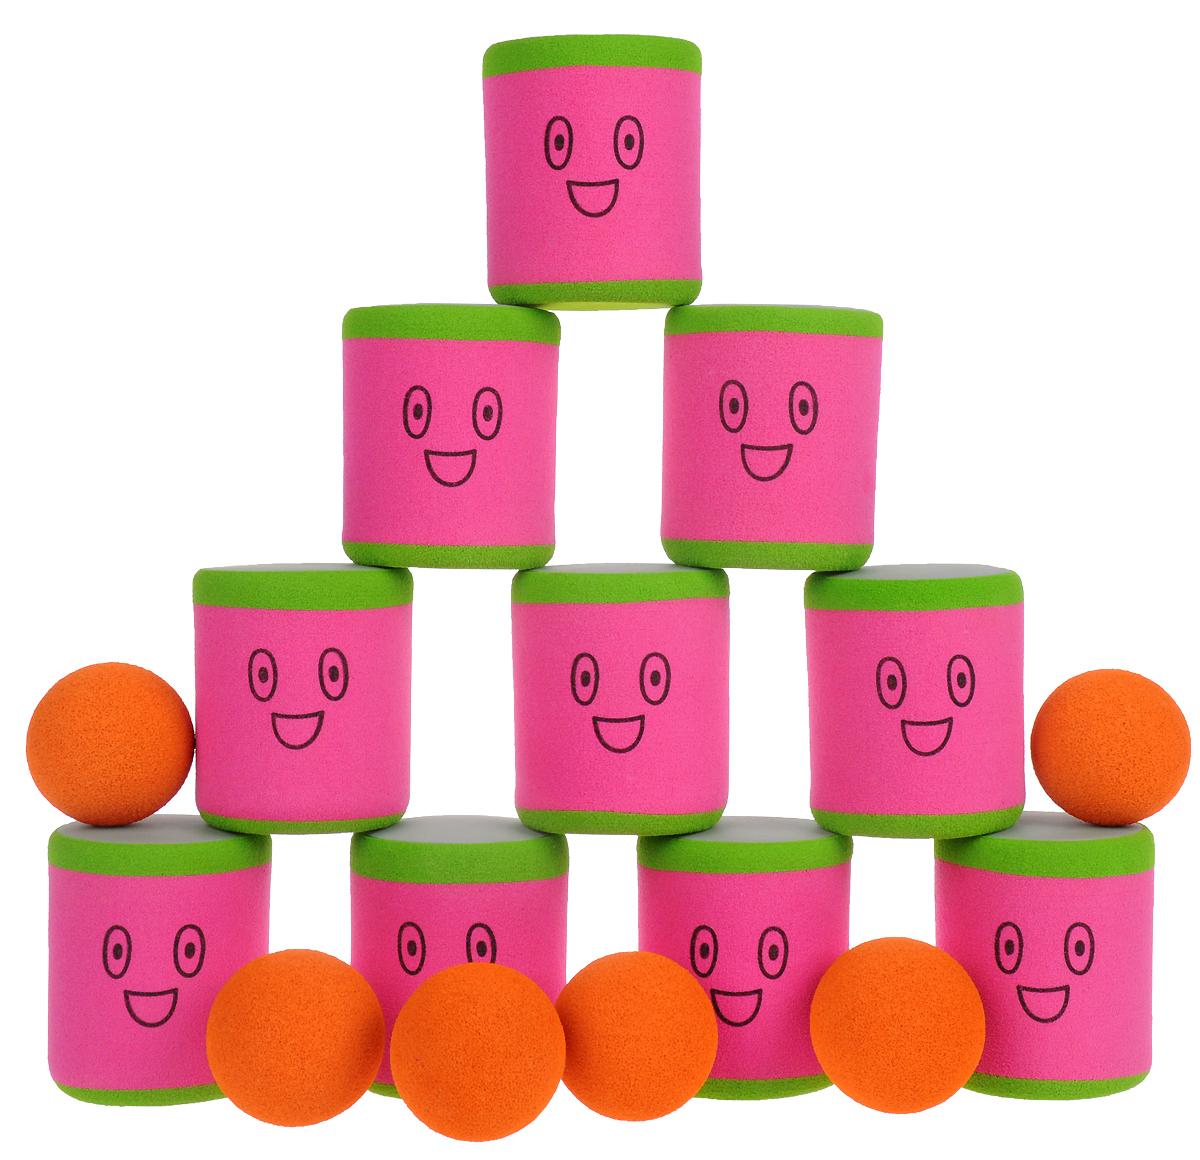 Safsof Игровой набор Городки цвет розовый зеленый оранжевый городки